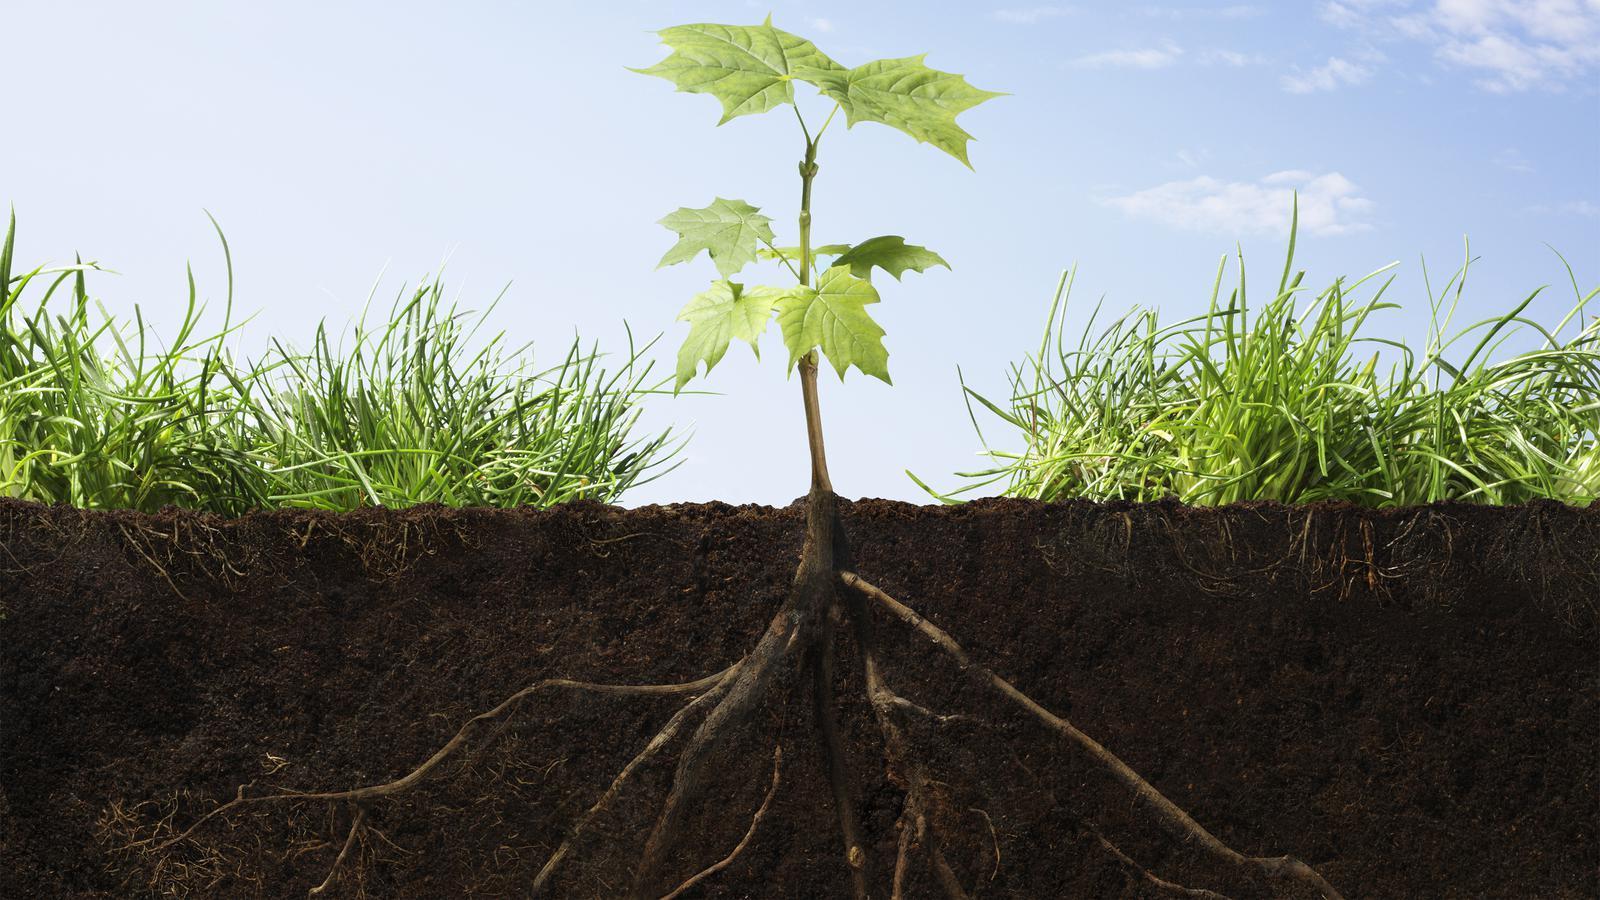 مورفولوژی گیاهی+ دانلود پاورپوینت مورفولوژی گیاهی